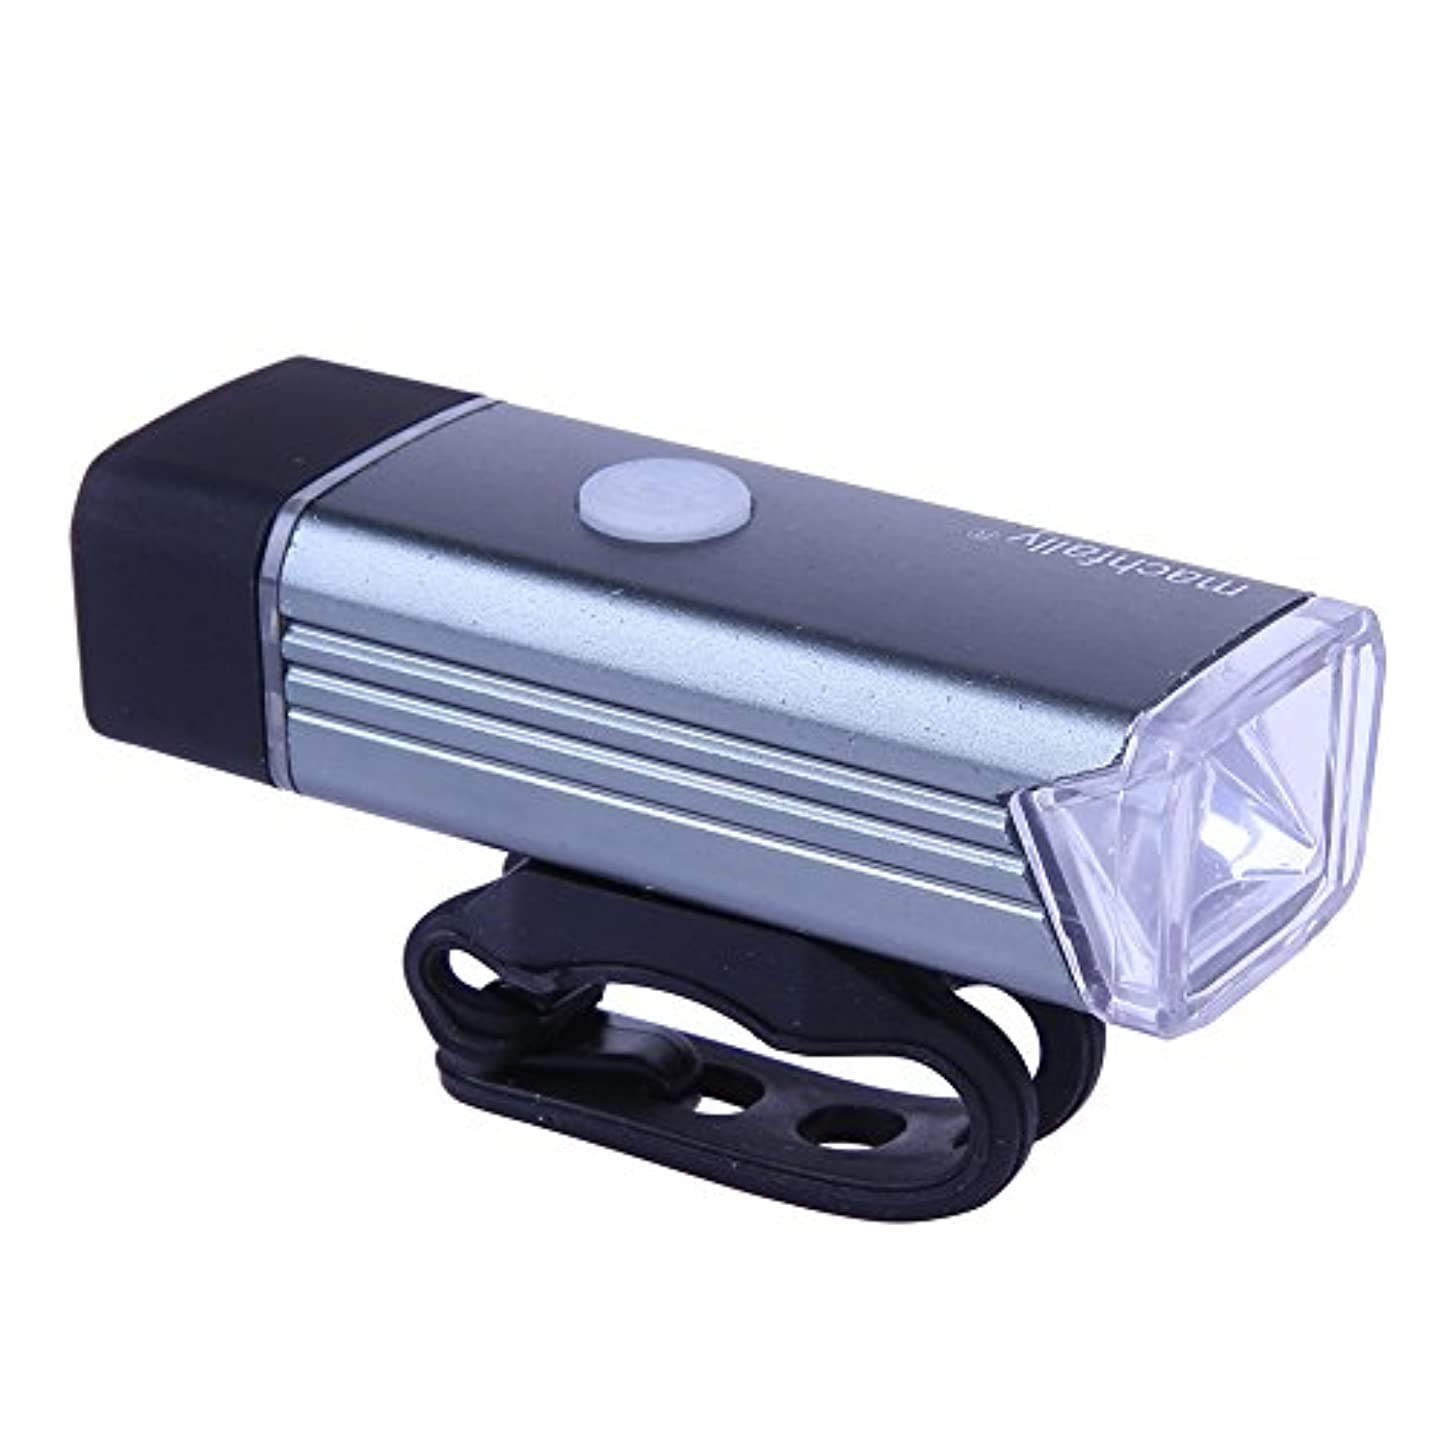 お手伝いさんプログレッシブくるくる自転車ライト 自転車前照灯 LED 自転車ライト フラッシュライト フロントライト ロードバイクライト USB充電式 コンパクト 軽量 生活防水 ハイキング/夜釣り/作業/自転車/キャンプに最適 3タイプ全 SIKIWIND